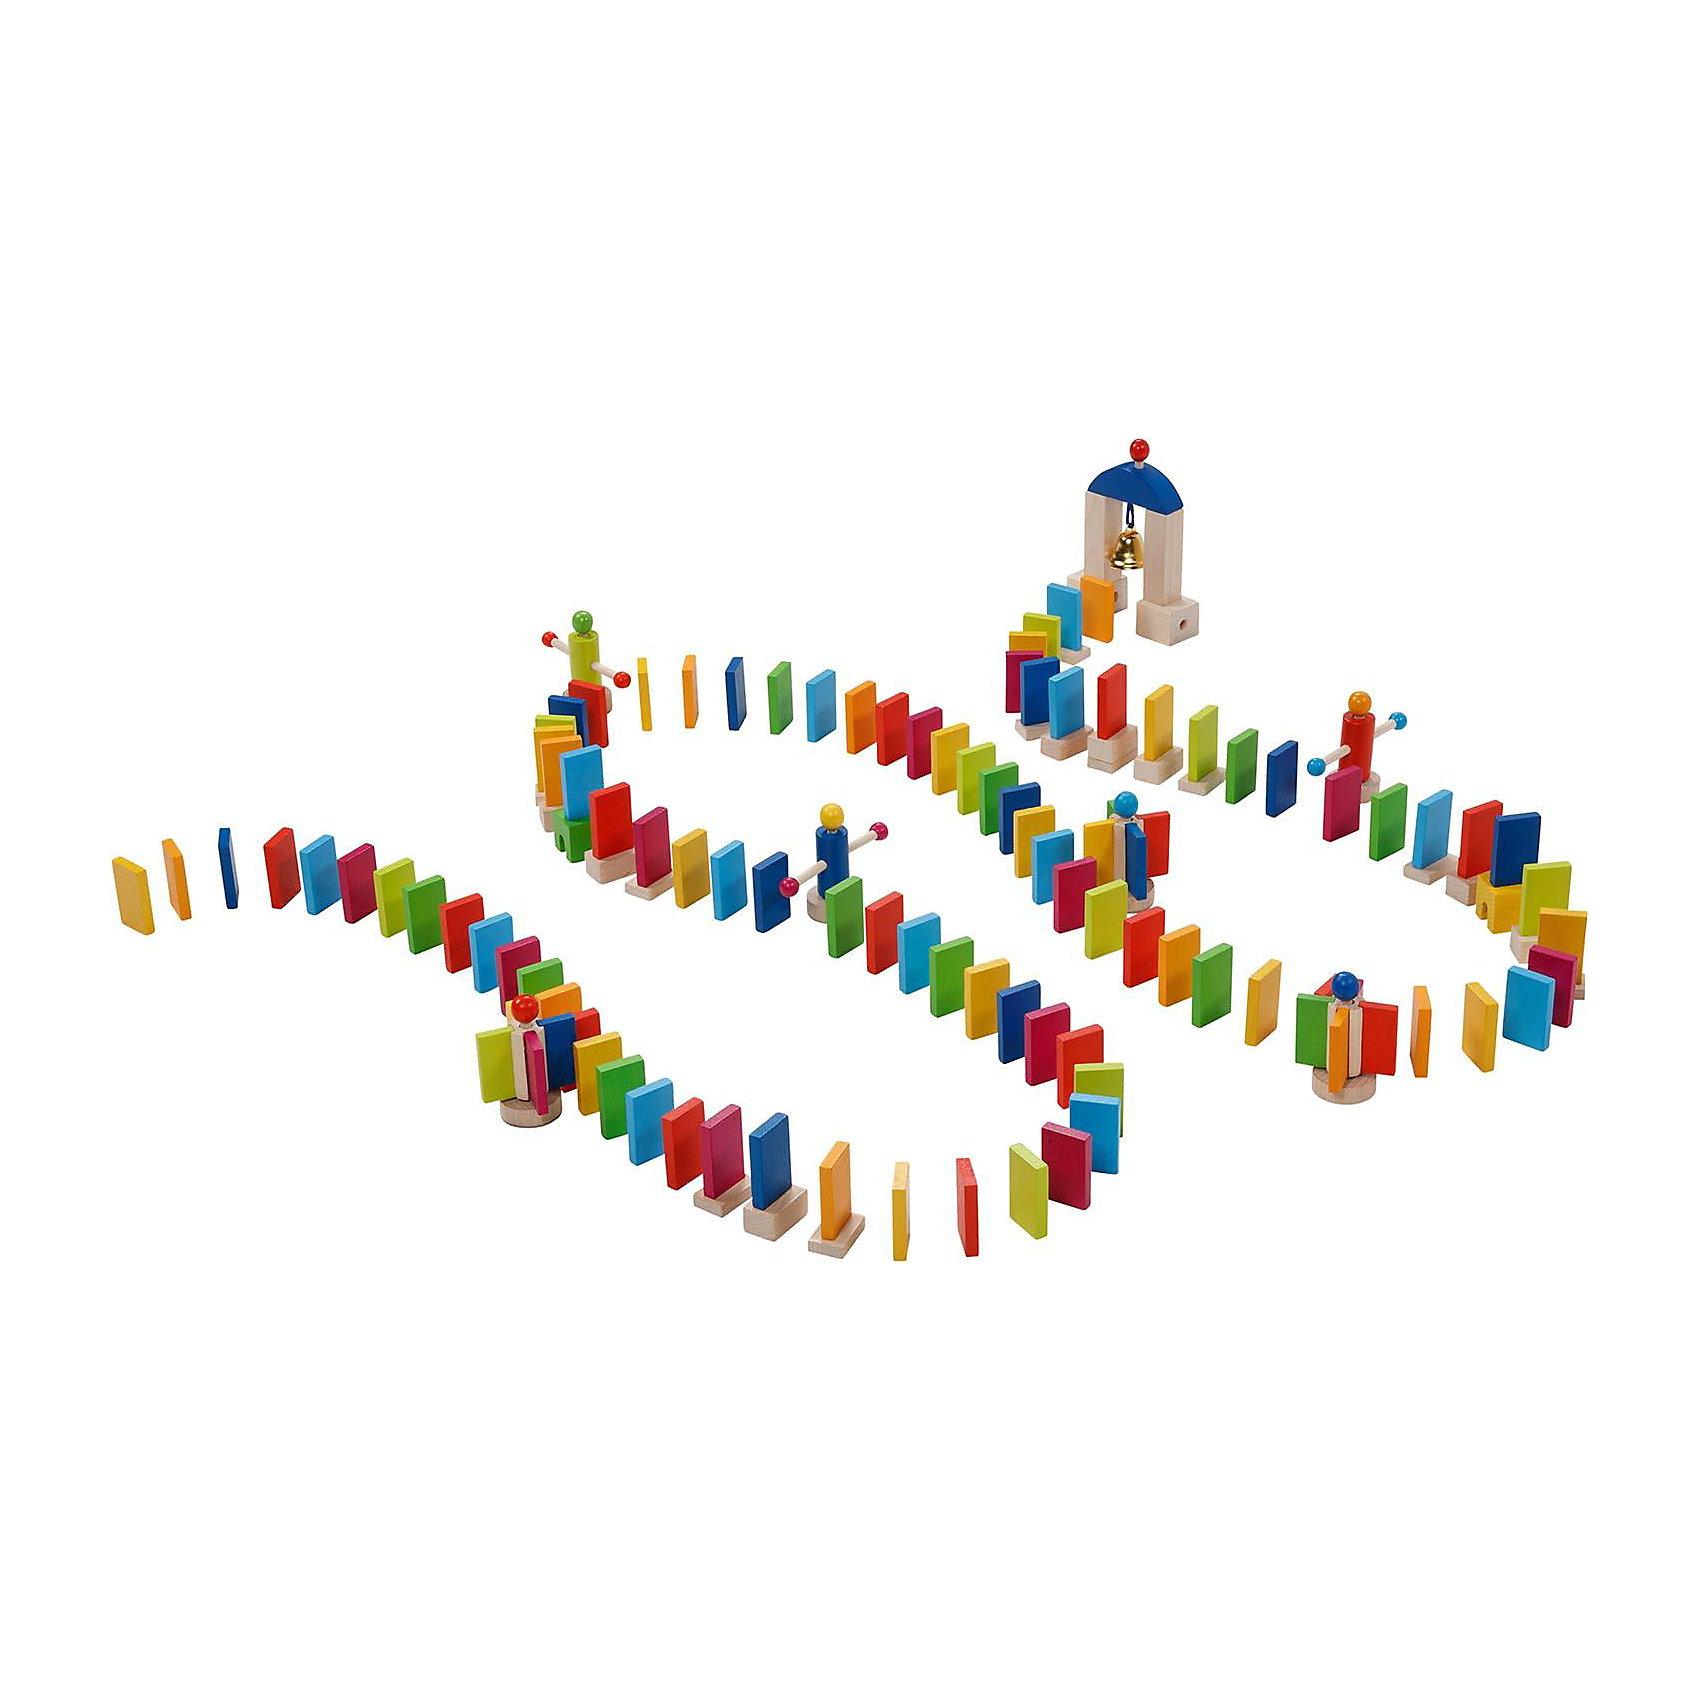 Конструктор Домино,  gokiДеревянные игры и пазлы<br>Конструктор Домино,  goki (гоки) – это интересная и увлекательная активная игра для детей.<br>Конструктор Домино приведет в восторг не только малыша, но и его родителей. В набор входит огромное количество элементов, включая ворота с колокольчиком. Костяшки выстраиваются в определенном порядке, чередуясь с другими интересными элементами. В основе игры лежит принцип домино: когда костяшки домино падают, сбивая одну за другой. Последняя - при падении задевает колокольчик в воротах, сообщая об удачном конце игры. Чтобы падение получилось более эффектным можно использовать маленькие деревянные мельницы из набора. Элементы можно выстраивать рядами и затейливыми узорами. Ребенку будет очень интересно наблюдать, как падают детальки домино. Игра прекрасно развивает моторику рук, внимание, усидчивость малыша. Все детали набора выполнены из дерева и покрашены нетоксичной краской на водной основе.<br><br>Дополнительная информация:<br><br>- В наборе: костяшки домино, подставка под костяшки домино (чтобы их делать выше), 5 мельниц, ворота с колокольчиком<br>- Всего: 247 элементов<br>- Размер элемента: 2x4 см.<br>- Цвета: синий, зеленый, желтый, красный, розовый<br>- Материал: древесина, нетоксичные краски на водной основе<br>- Упаковка: картонная коробка и холщовый мешочек для деталей<br>- Размер упаковки: 30,1 х30,1х9,6 см.<br>- Вес: 1545 гр.<br><br>Конструктор Домино,  goki (гоки) можно купить в нашем интернет-магазине.<br><br>Ширина мм: 297<br>Глубина мм: 292<br>Высота мм: 98<br>Вес г: 1510<br>Возраст от месяцев: 36<br>Возраст до месяцев: 72<br>Пол: Унисекс<br>Возраст: Детский<br>SKU: 3830757